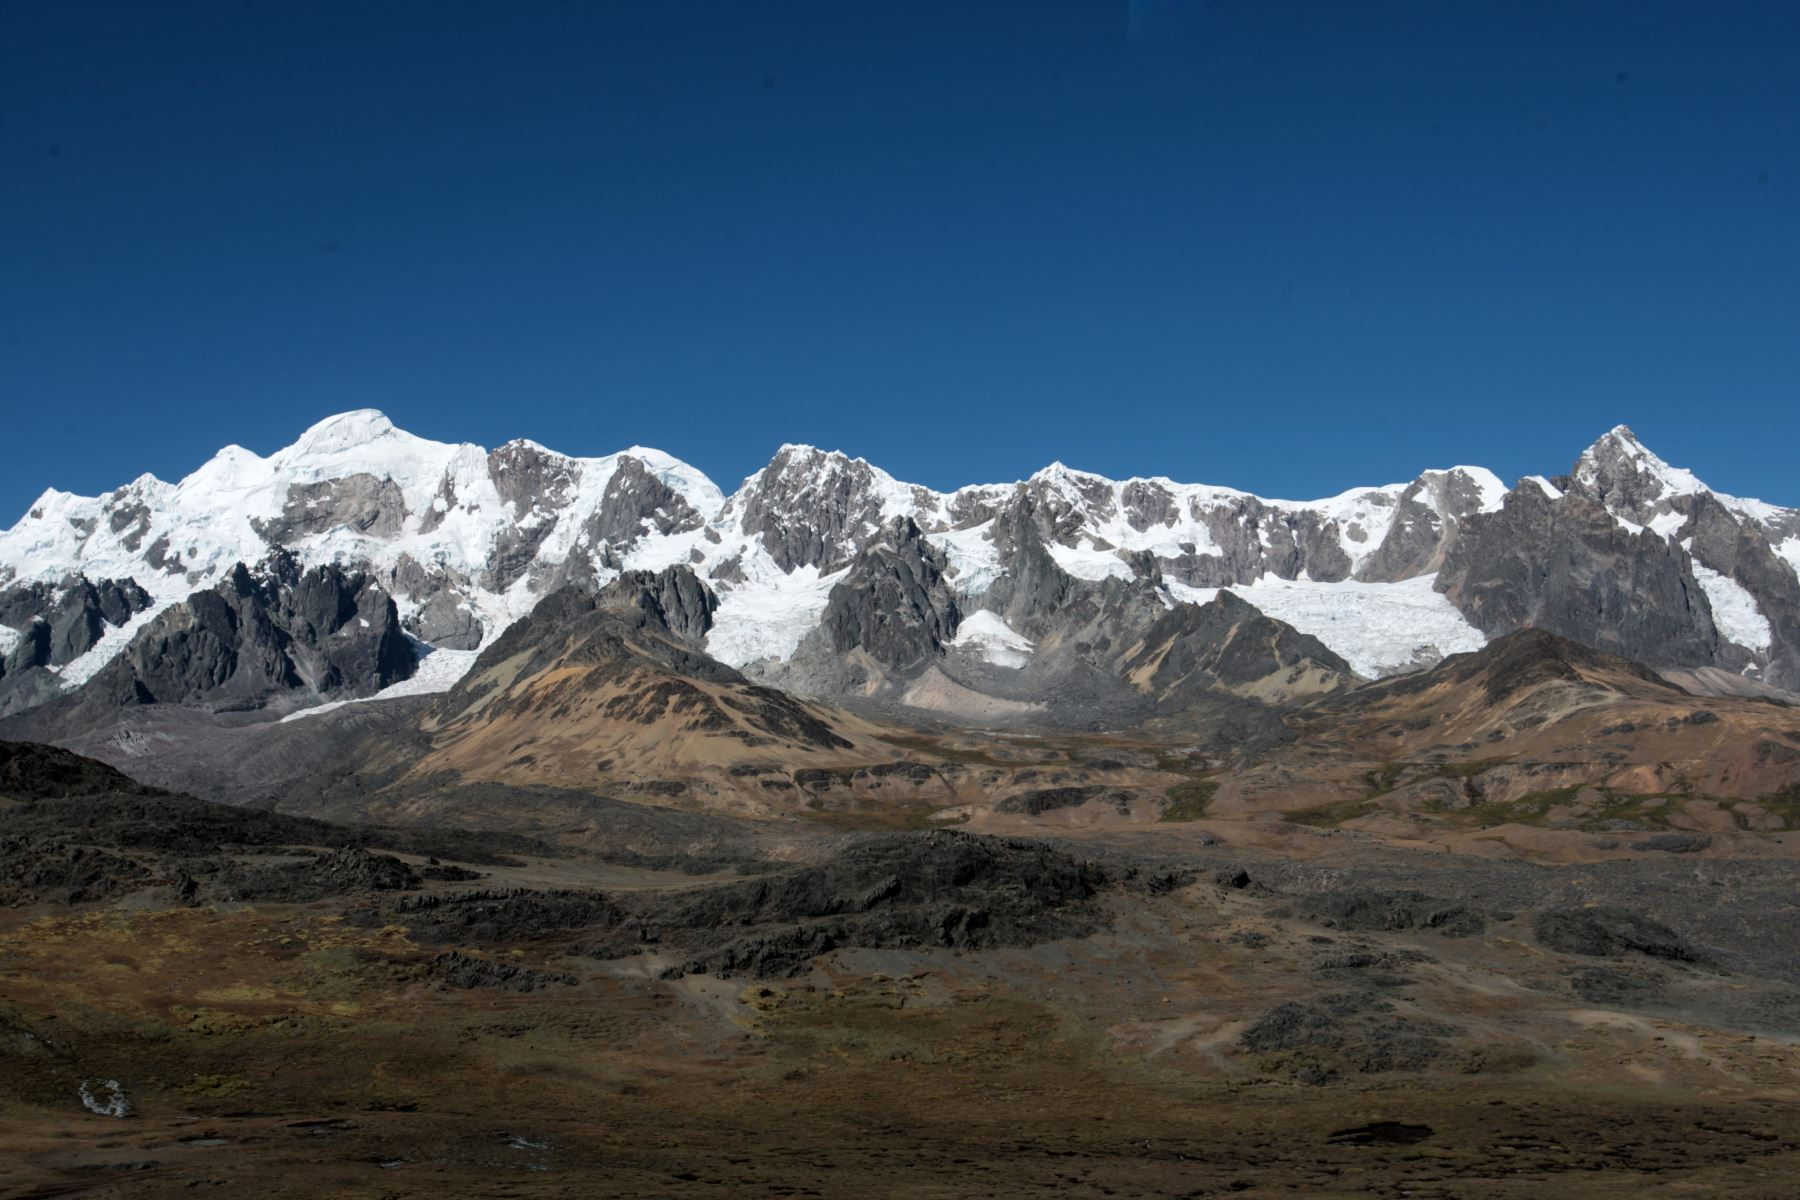 En su apuesta por el aprovechamiento sostenible de su patrimonio natural y enorme biodiversidad, la región Cusco lidera las iniciativas para la creación de nuevas áreas naturales protegidas, con dos nuevas propuestas referidas al Área de Conservación Regional Ausangate y la Reserva de Biosfera Avireri Vraem. ANDINA/Jack Ramón